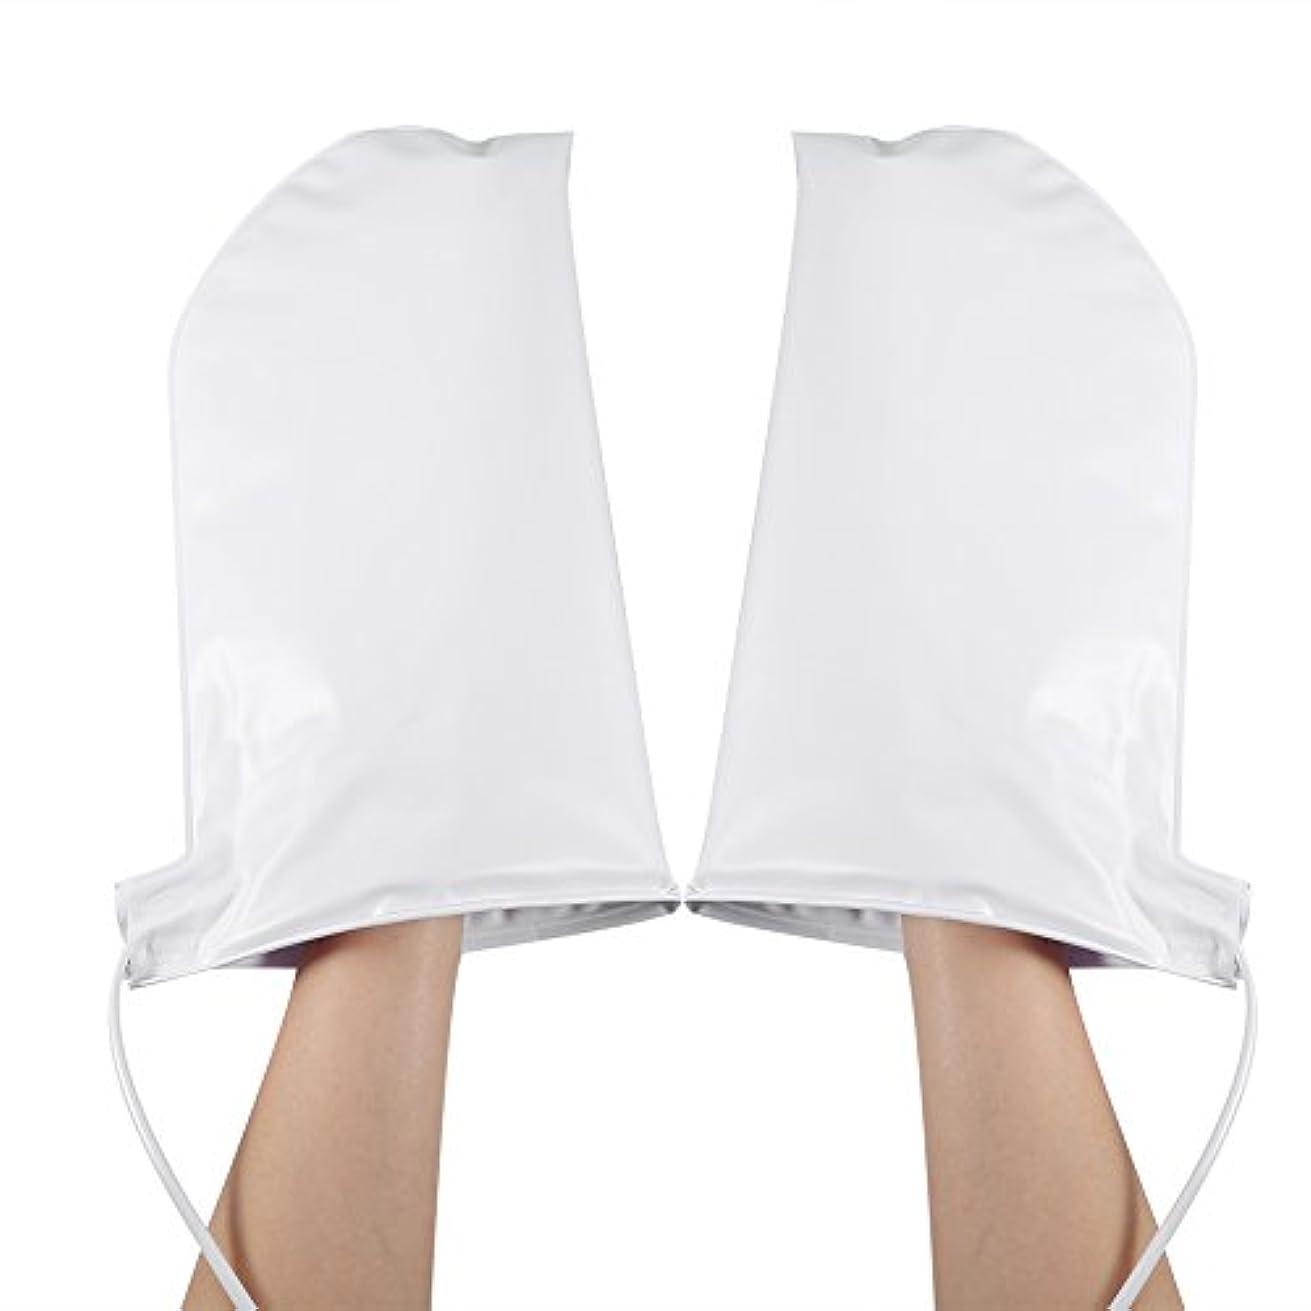 製品ディーラー顎手袋 ヒートグローブ 加熱式 電熱 手ケア ハンドケア 2つ加熱モード 乾燥対策 手荒れ対策 補水 保湿 美白 しっとり